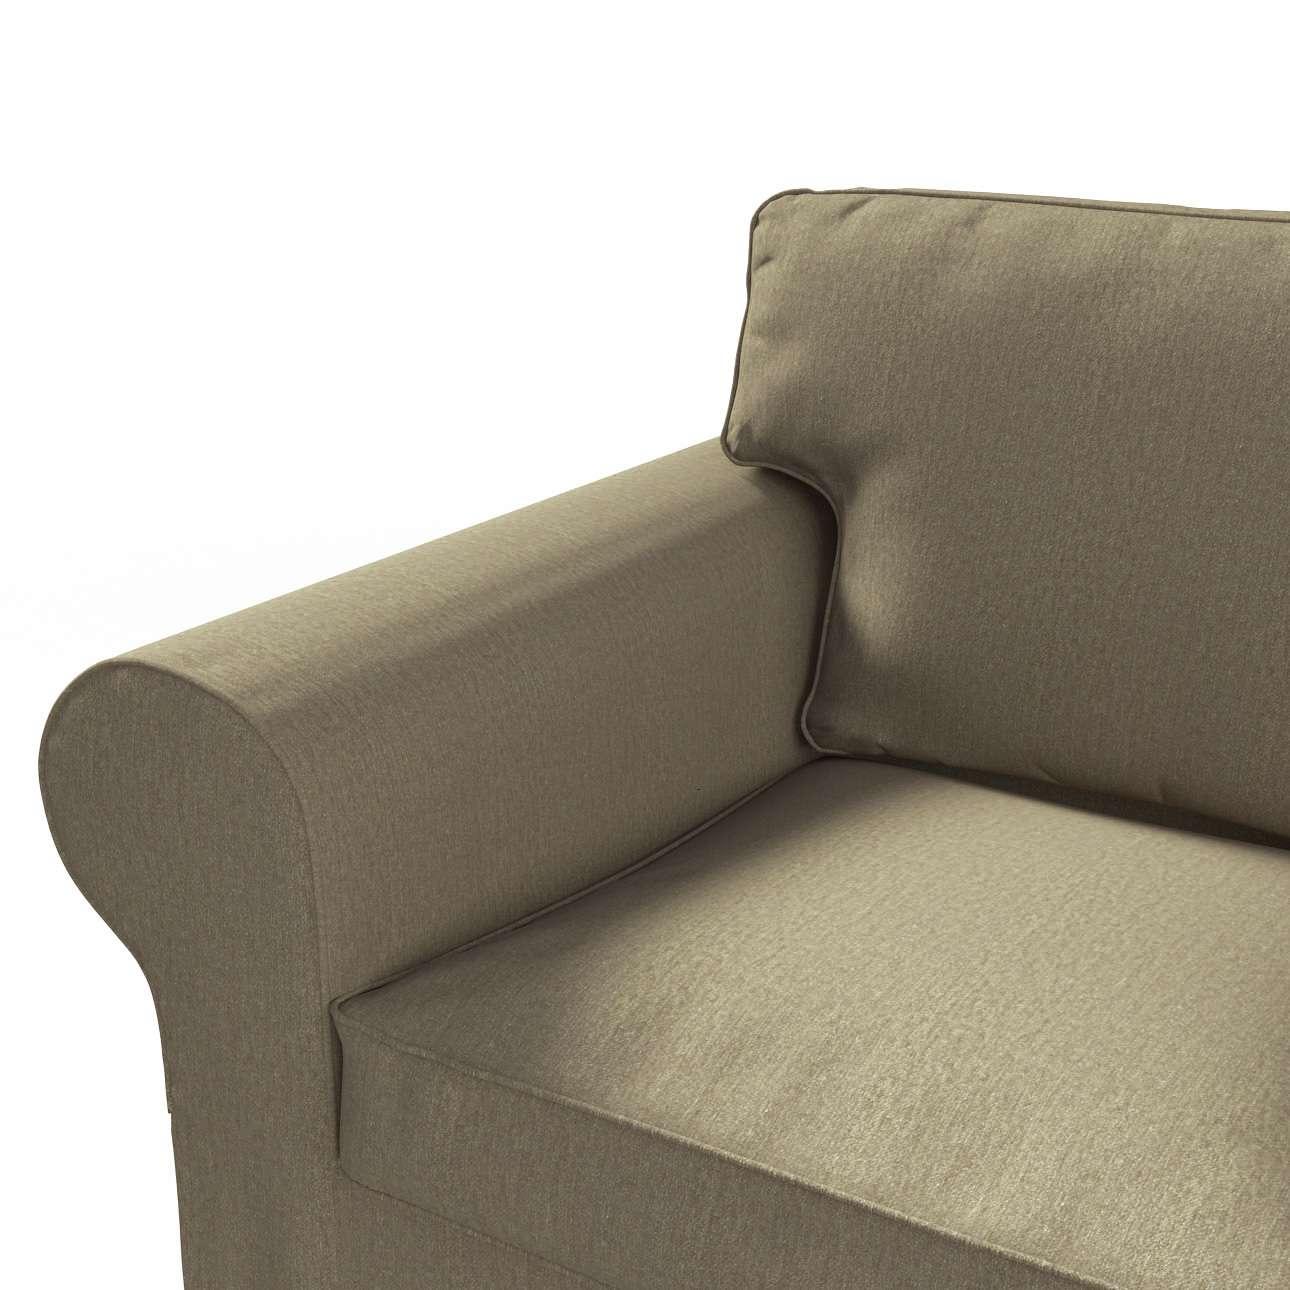 Potah na pohovku IKEA Ektorp 2-místná rozkládací  NOVÝ MODEL od 2012 Ektorp 2012 v kolekci Chenille , látka: 702-21